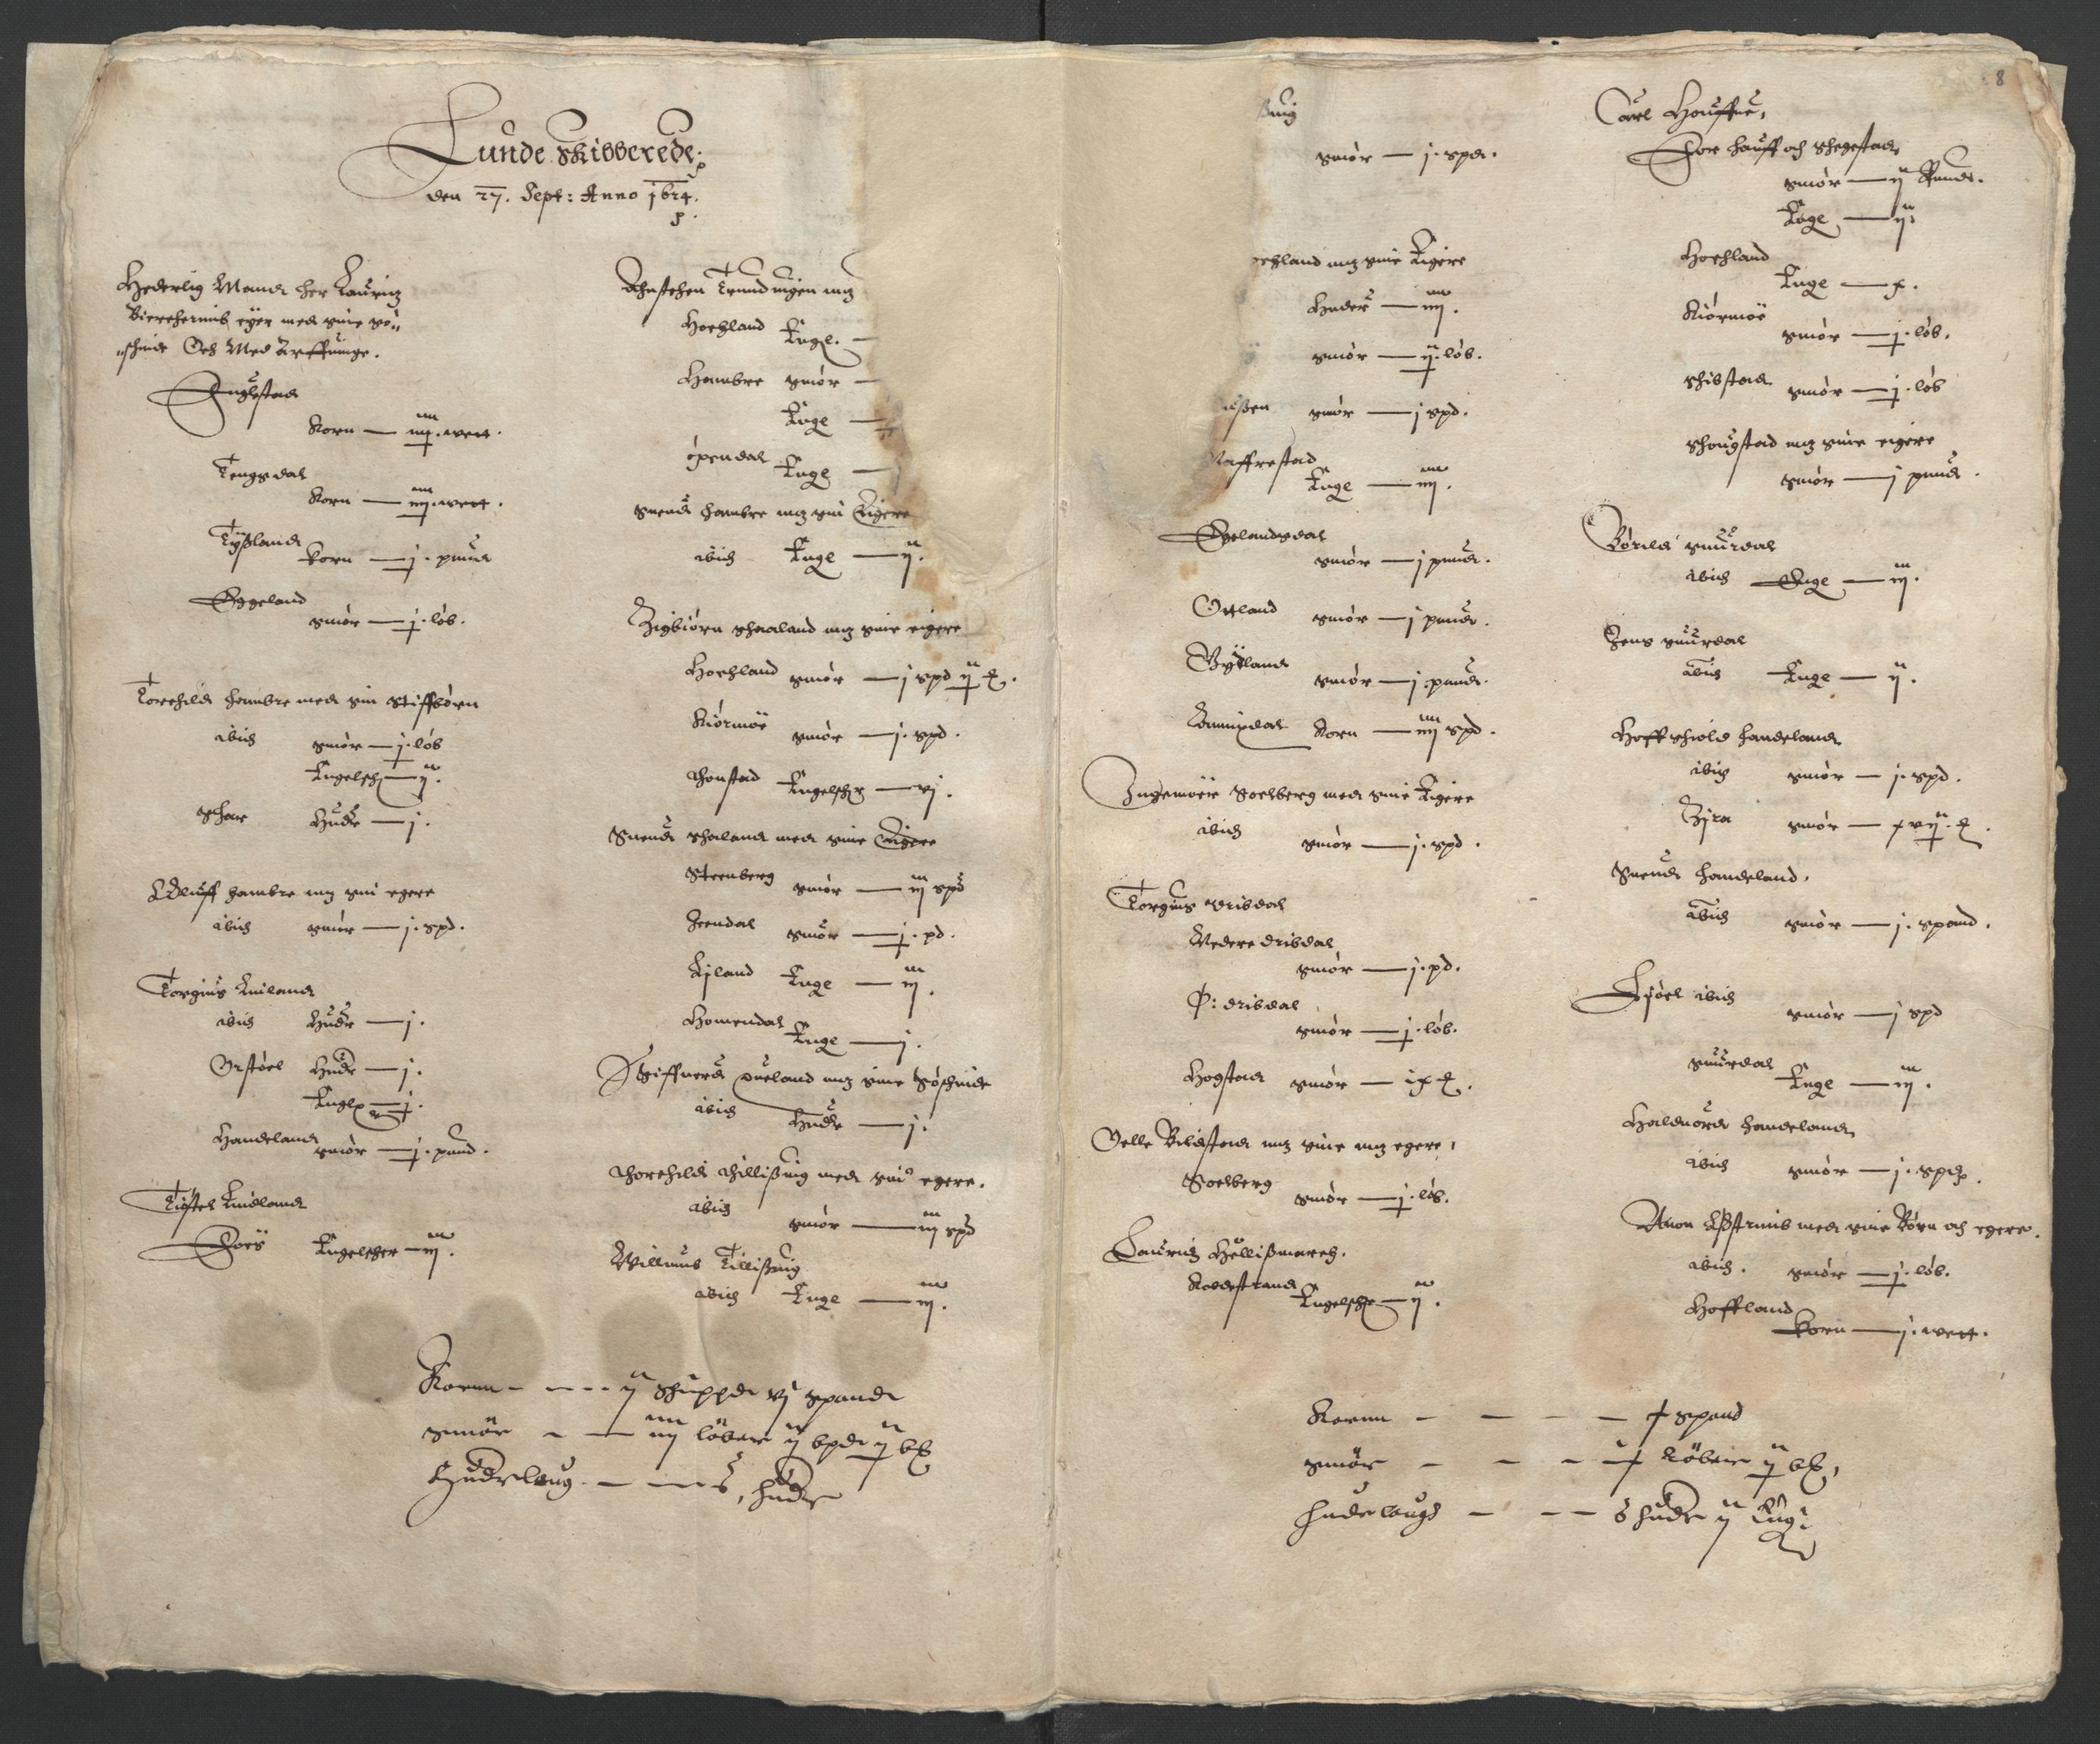 RA, Stattholderembetet 1572-1771, Ek/L0010: Jordebøker til utlikning av rosstjeneste 1624-1626:, 1624-1626, s. 42